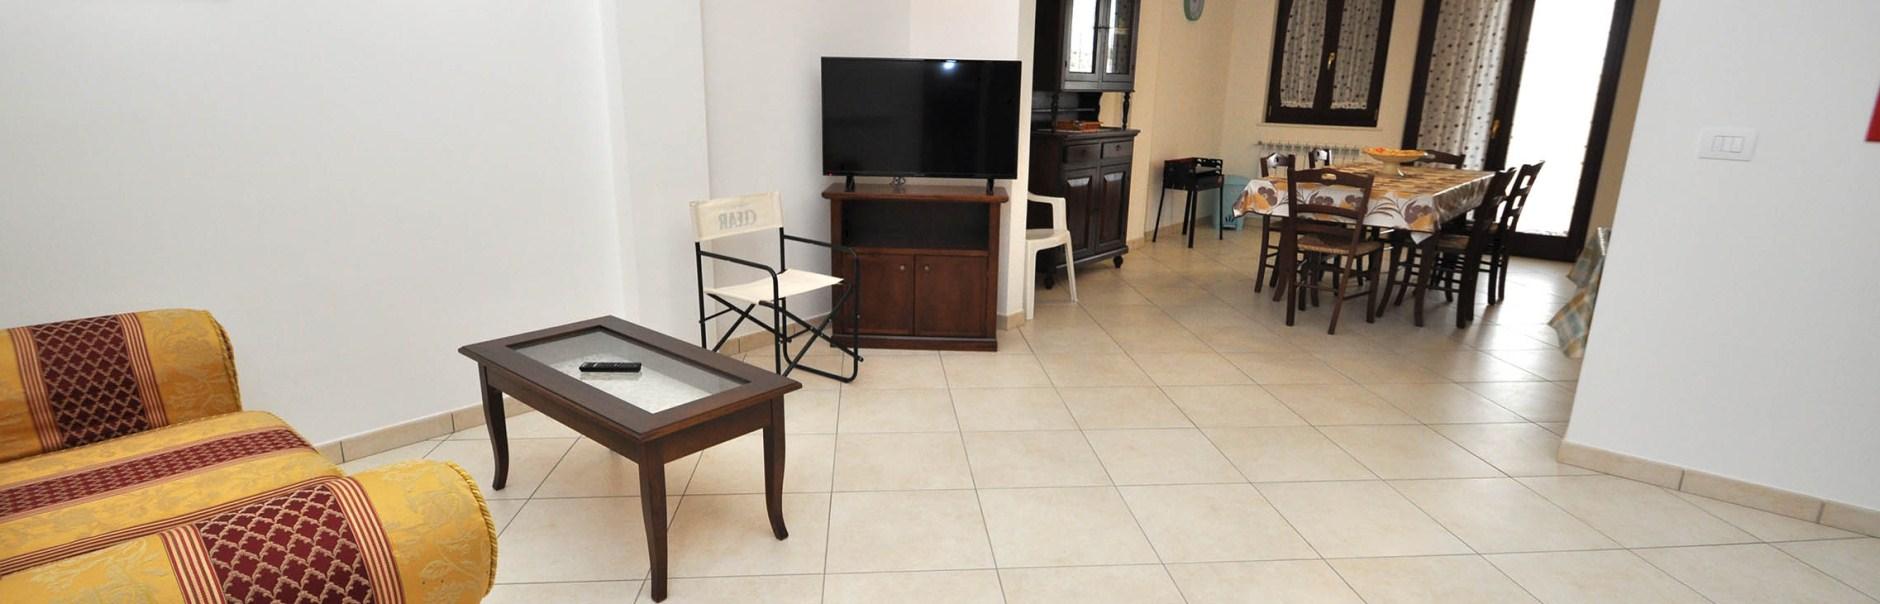 Appartamento Uxentum 2 - Ugento